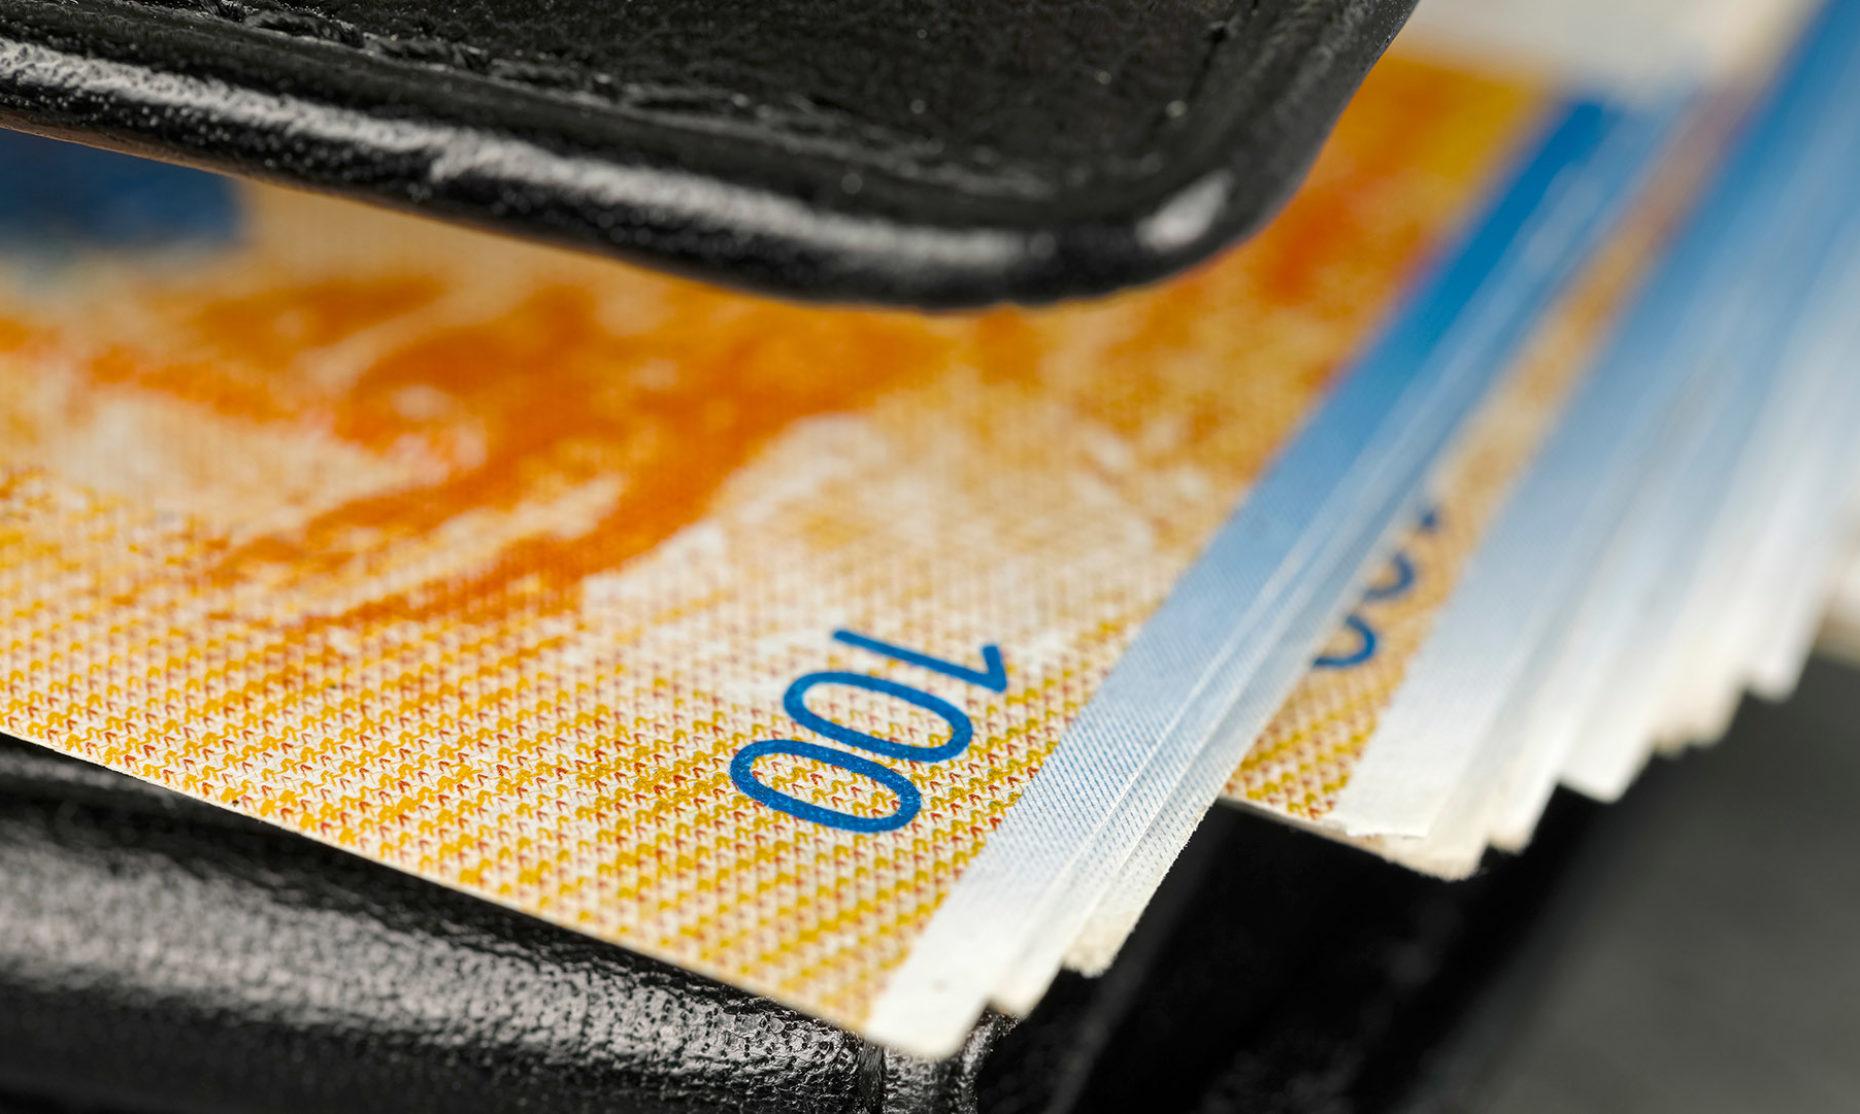 geld_portemonnaie_arbeitslosigkeit_job_50plus